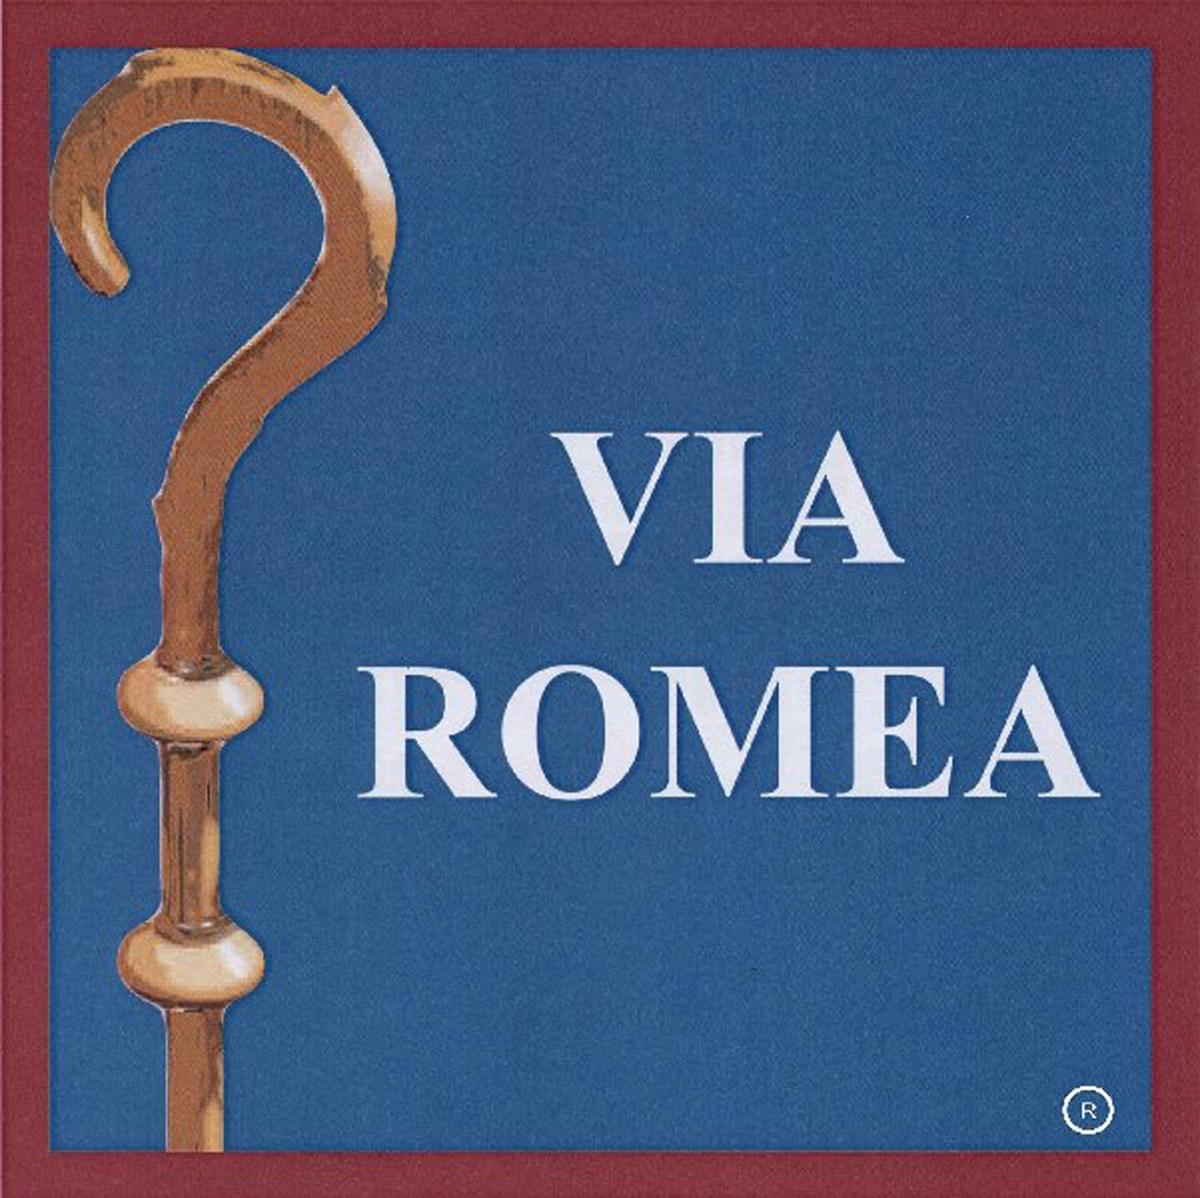 Via Romea Germanica, anche Castiglion Fiorentino presente nel progetto